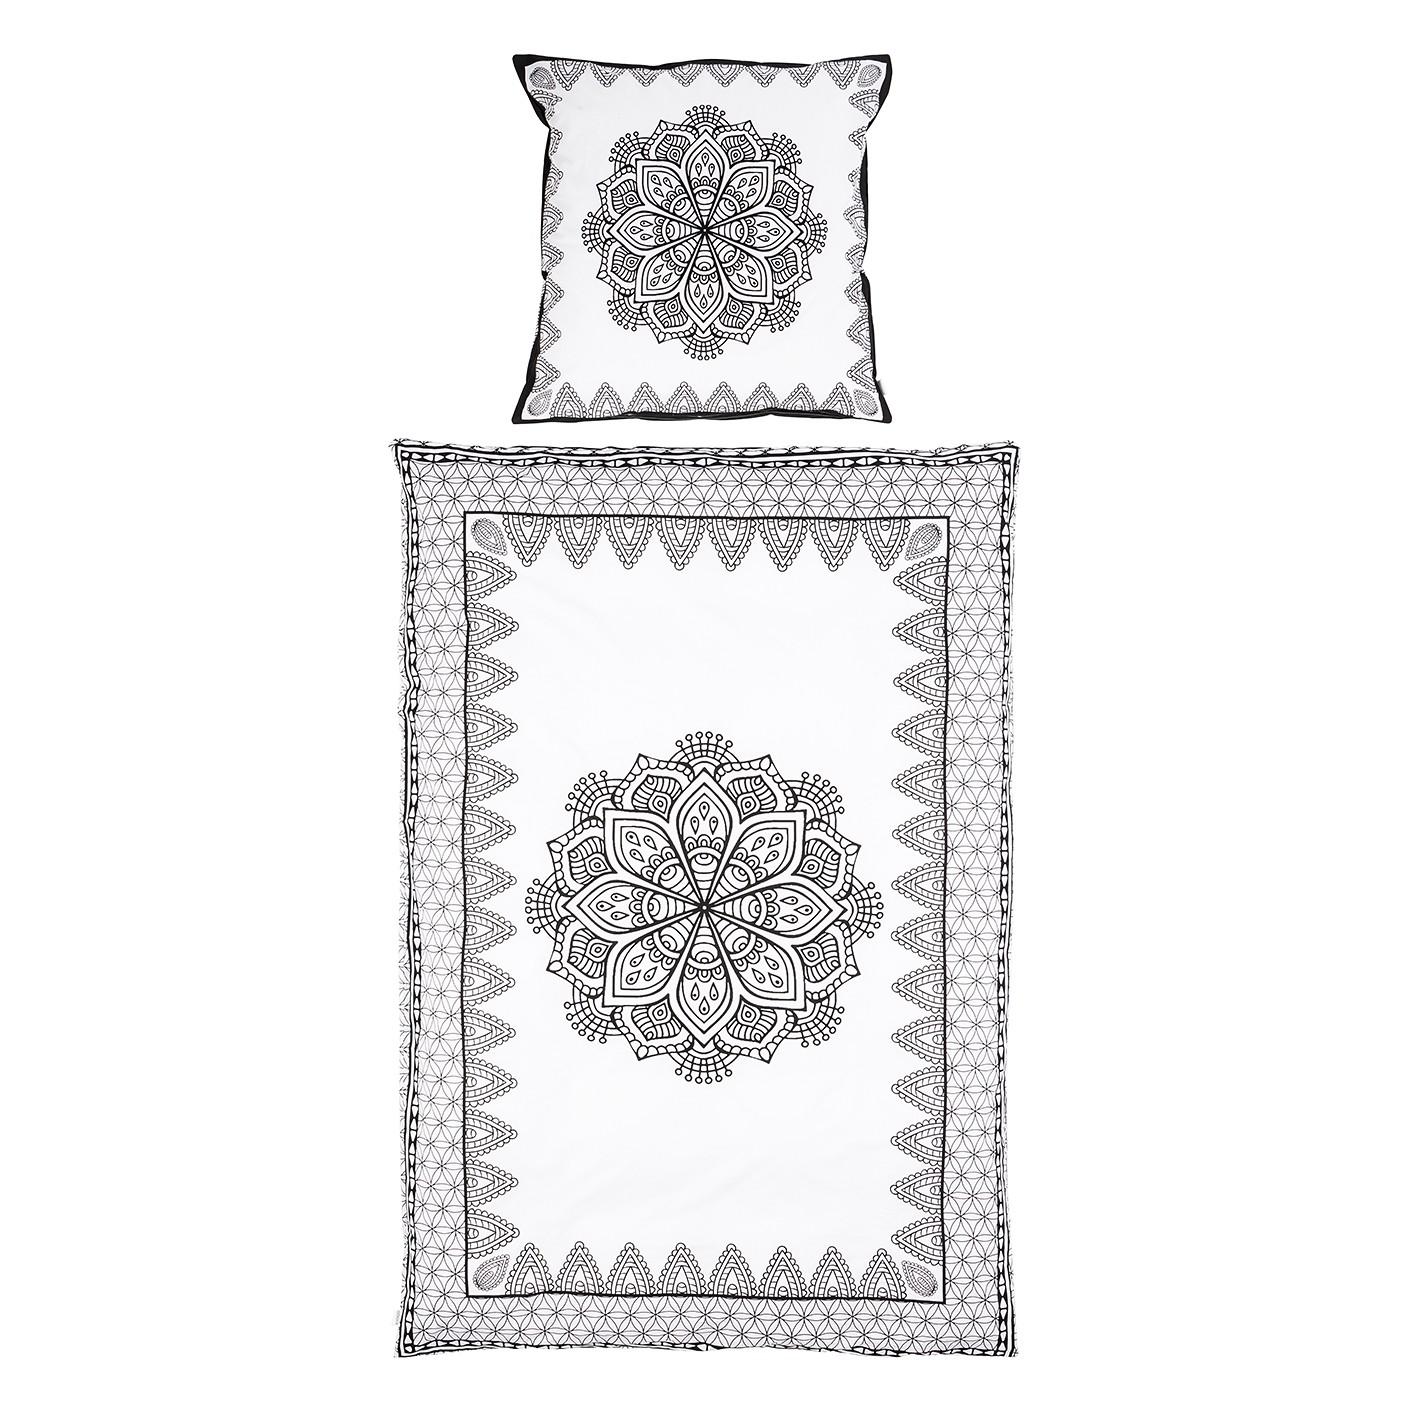 Beddengoed Vivala - katoen - zwart/wit - 155x220cm + kussen 80x80cm, KIYDOO